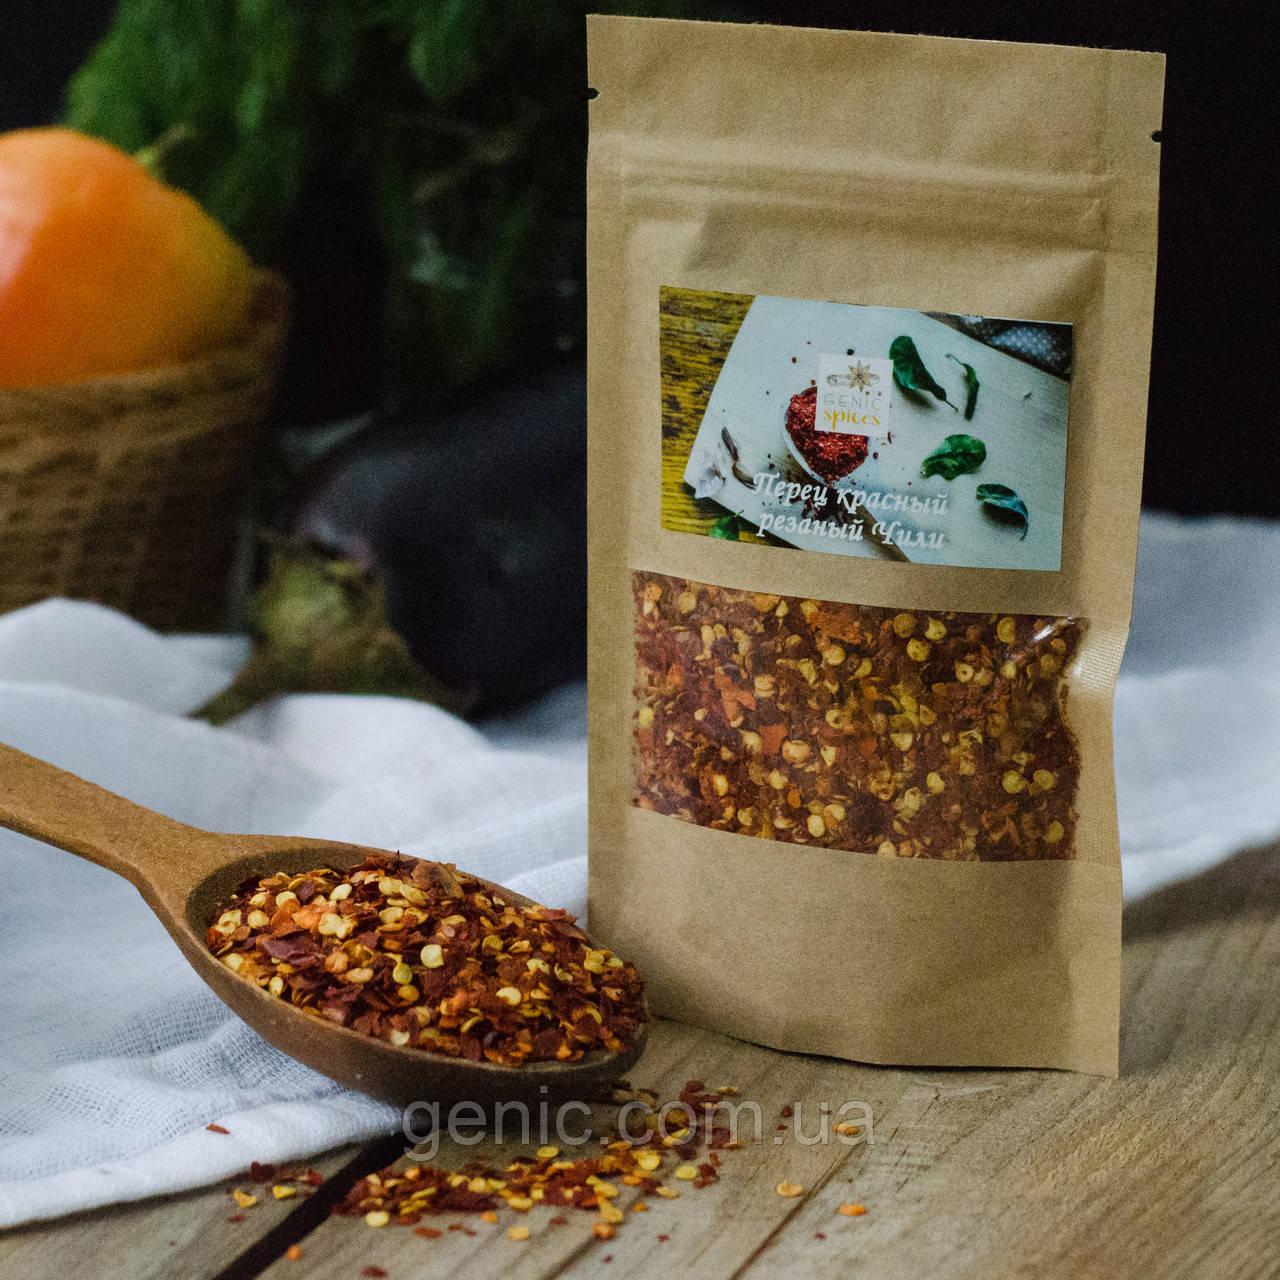 Перец Красный резаный (Чили) 50 грамм